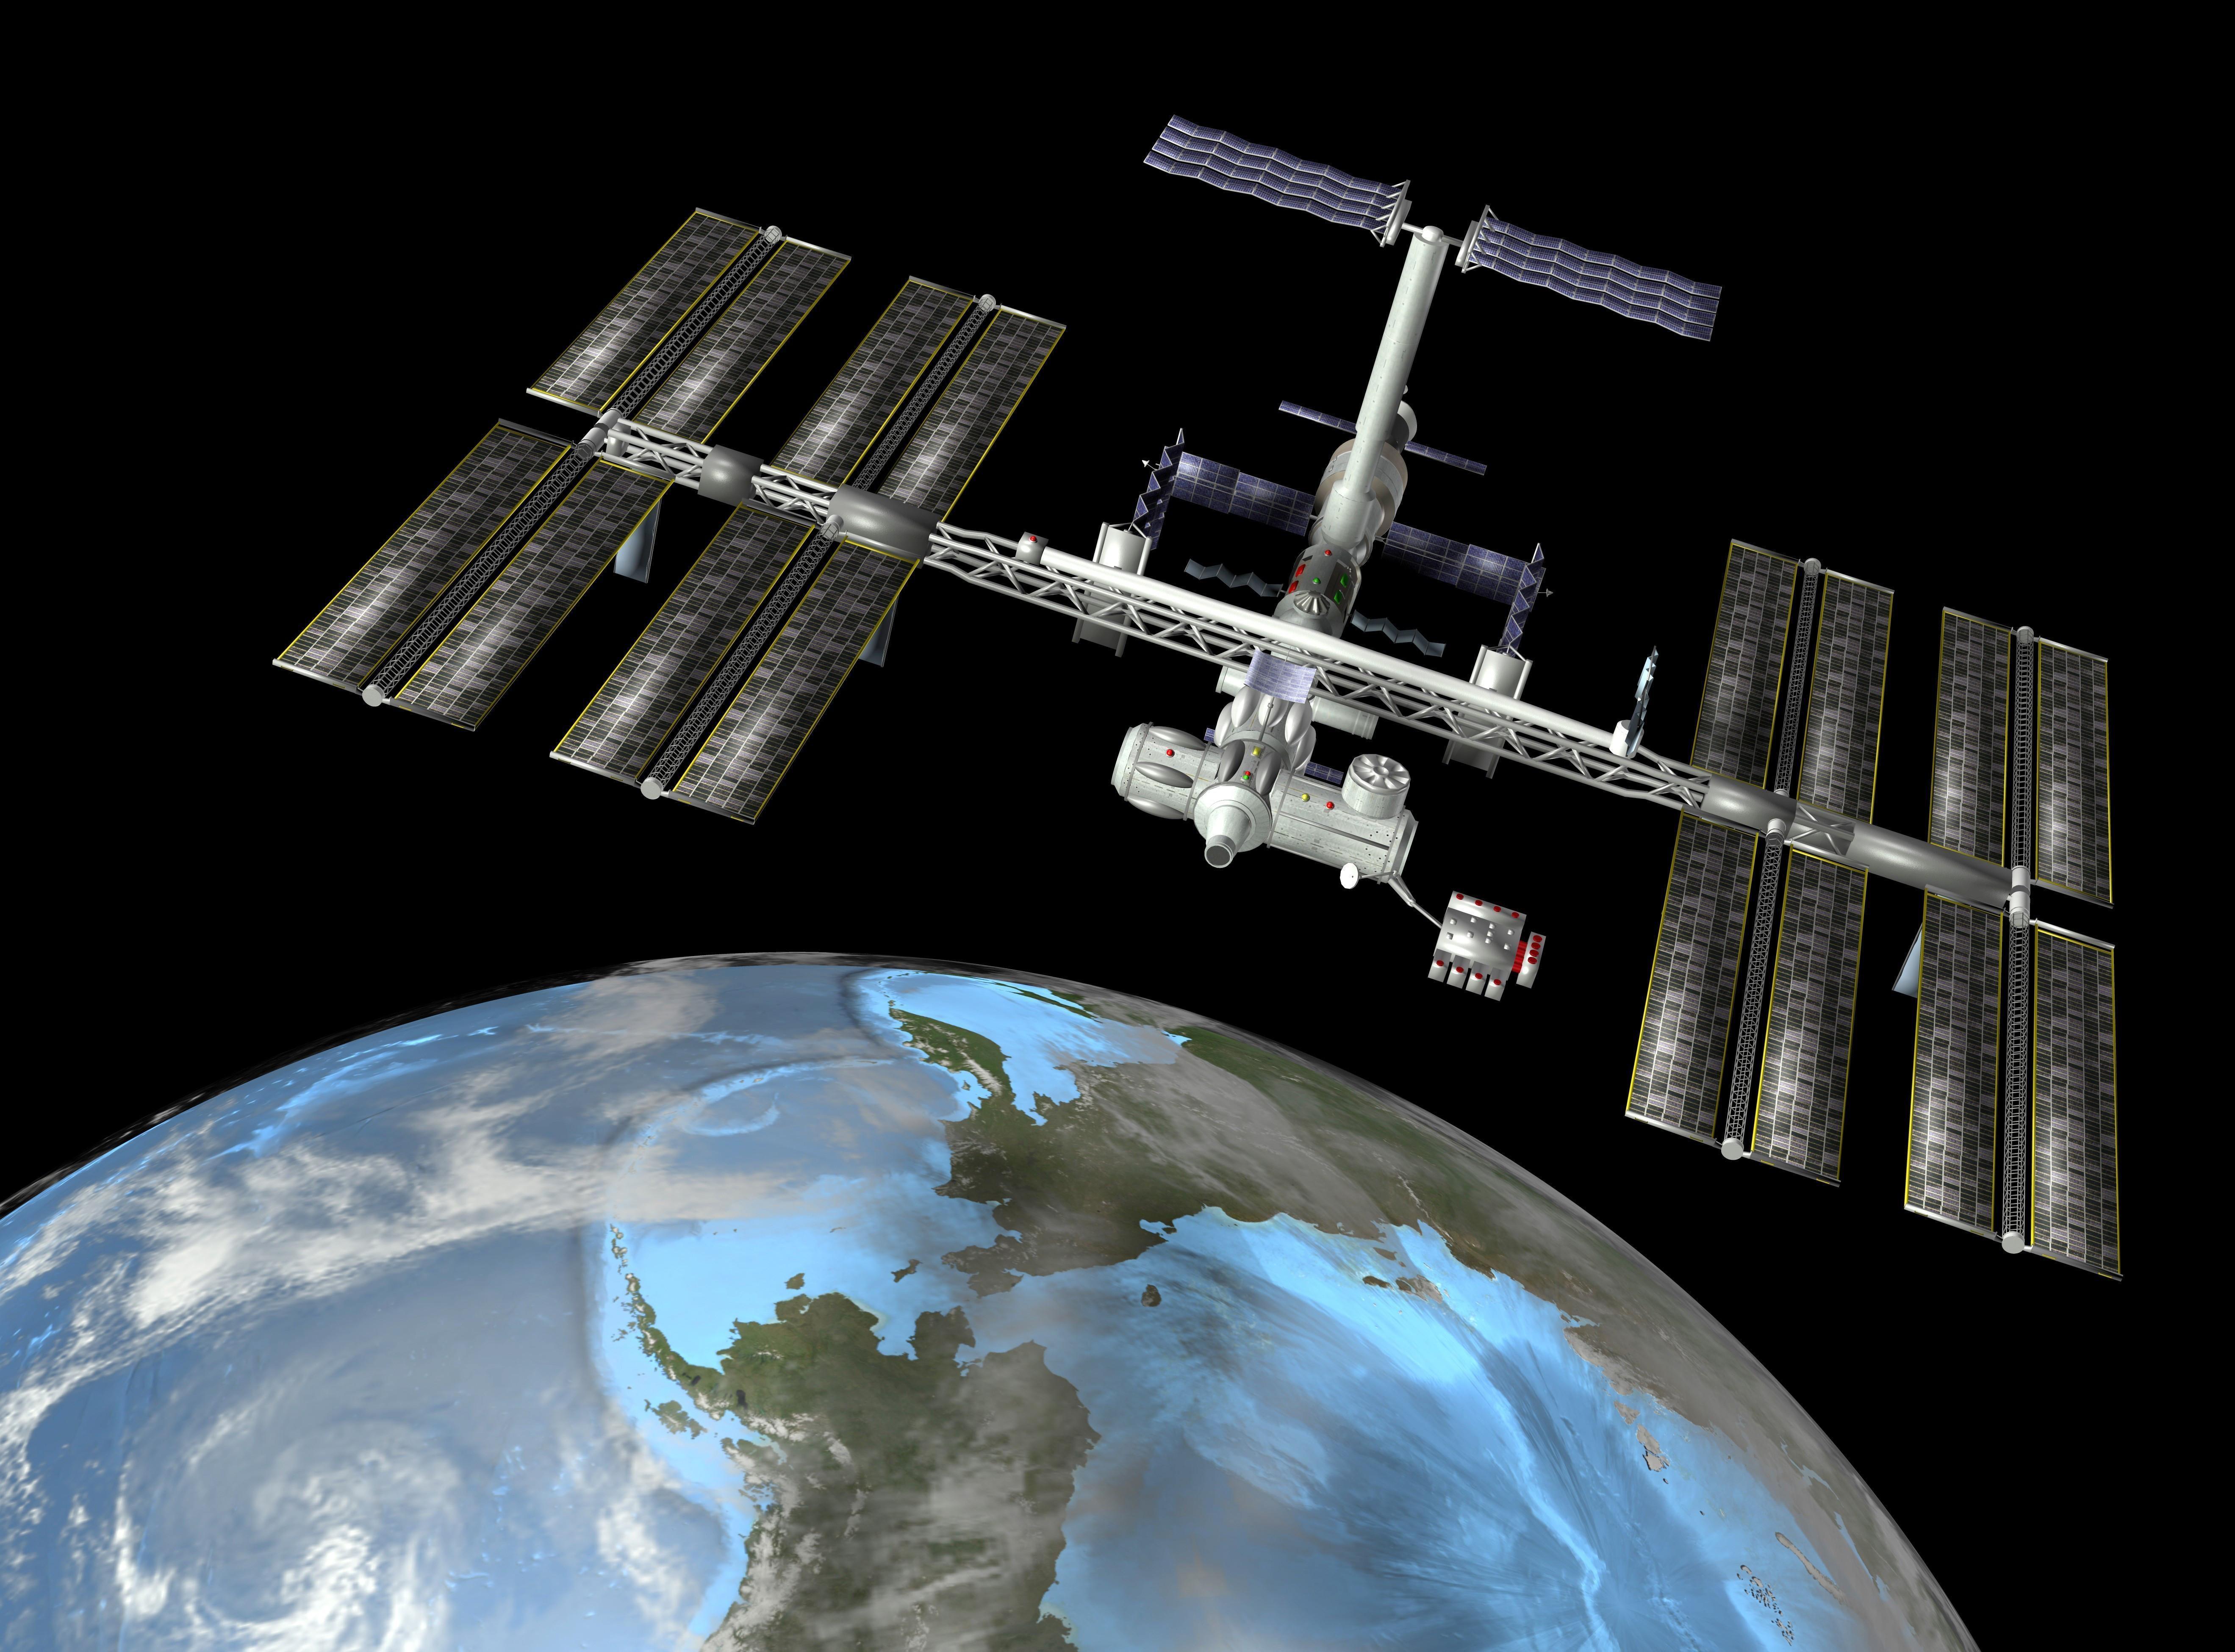 Astronautin begeht möglicherweise Straftat im All